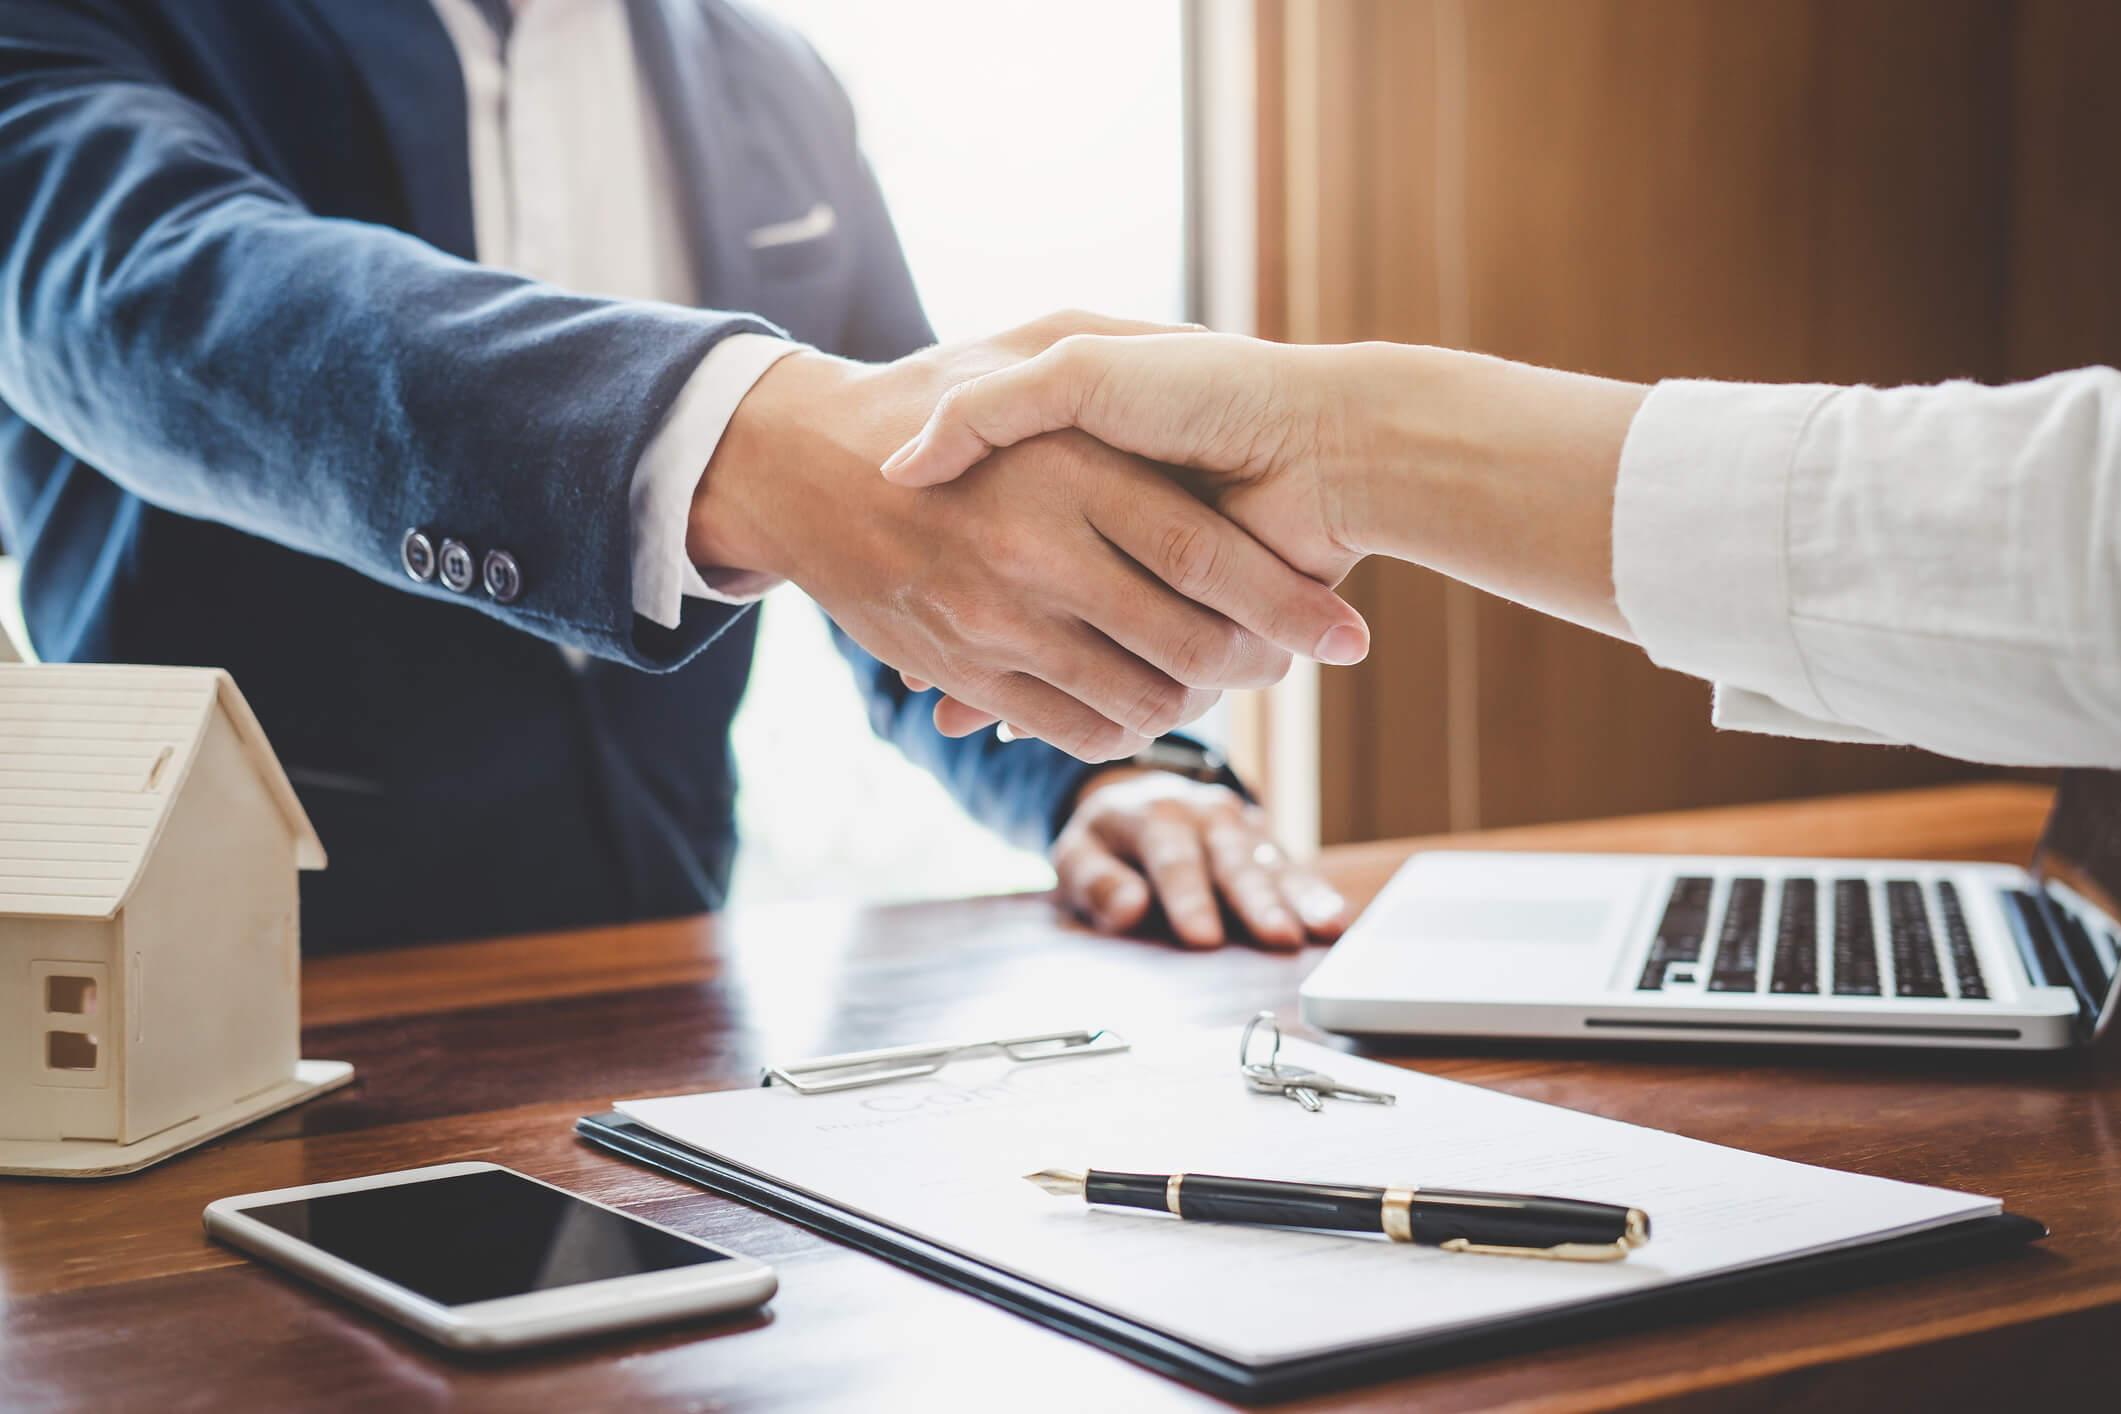 qualidades-profissionais-  aperto de mãos entre duas pessoas